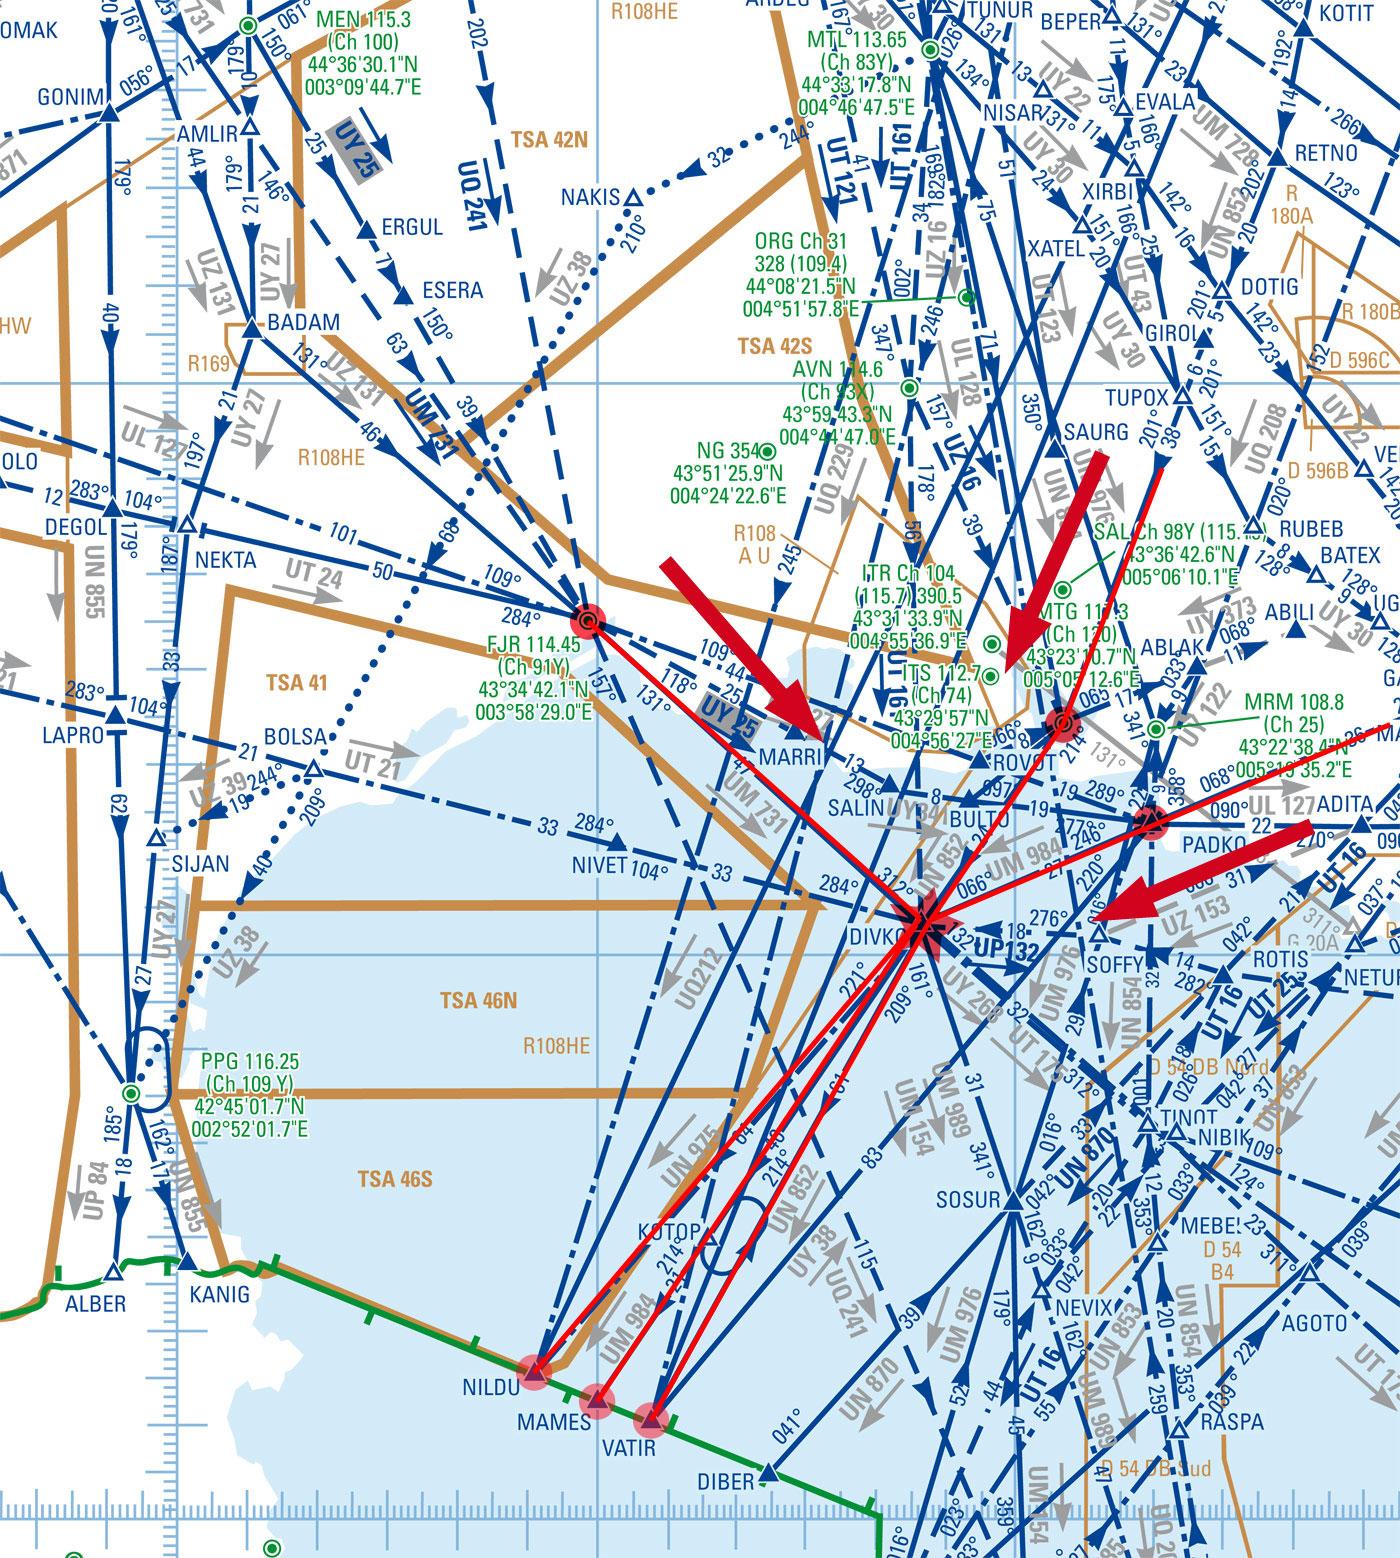 carte du secteur M avec les différents flux et le point de conflit DIVKO